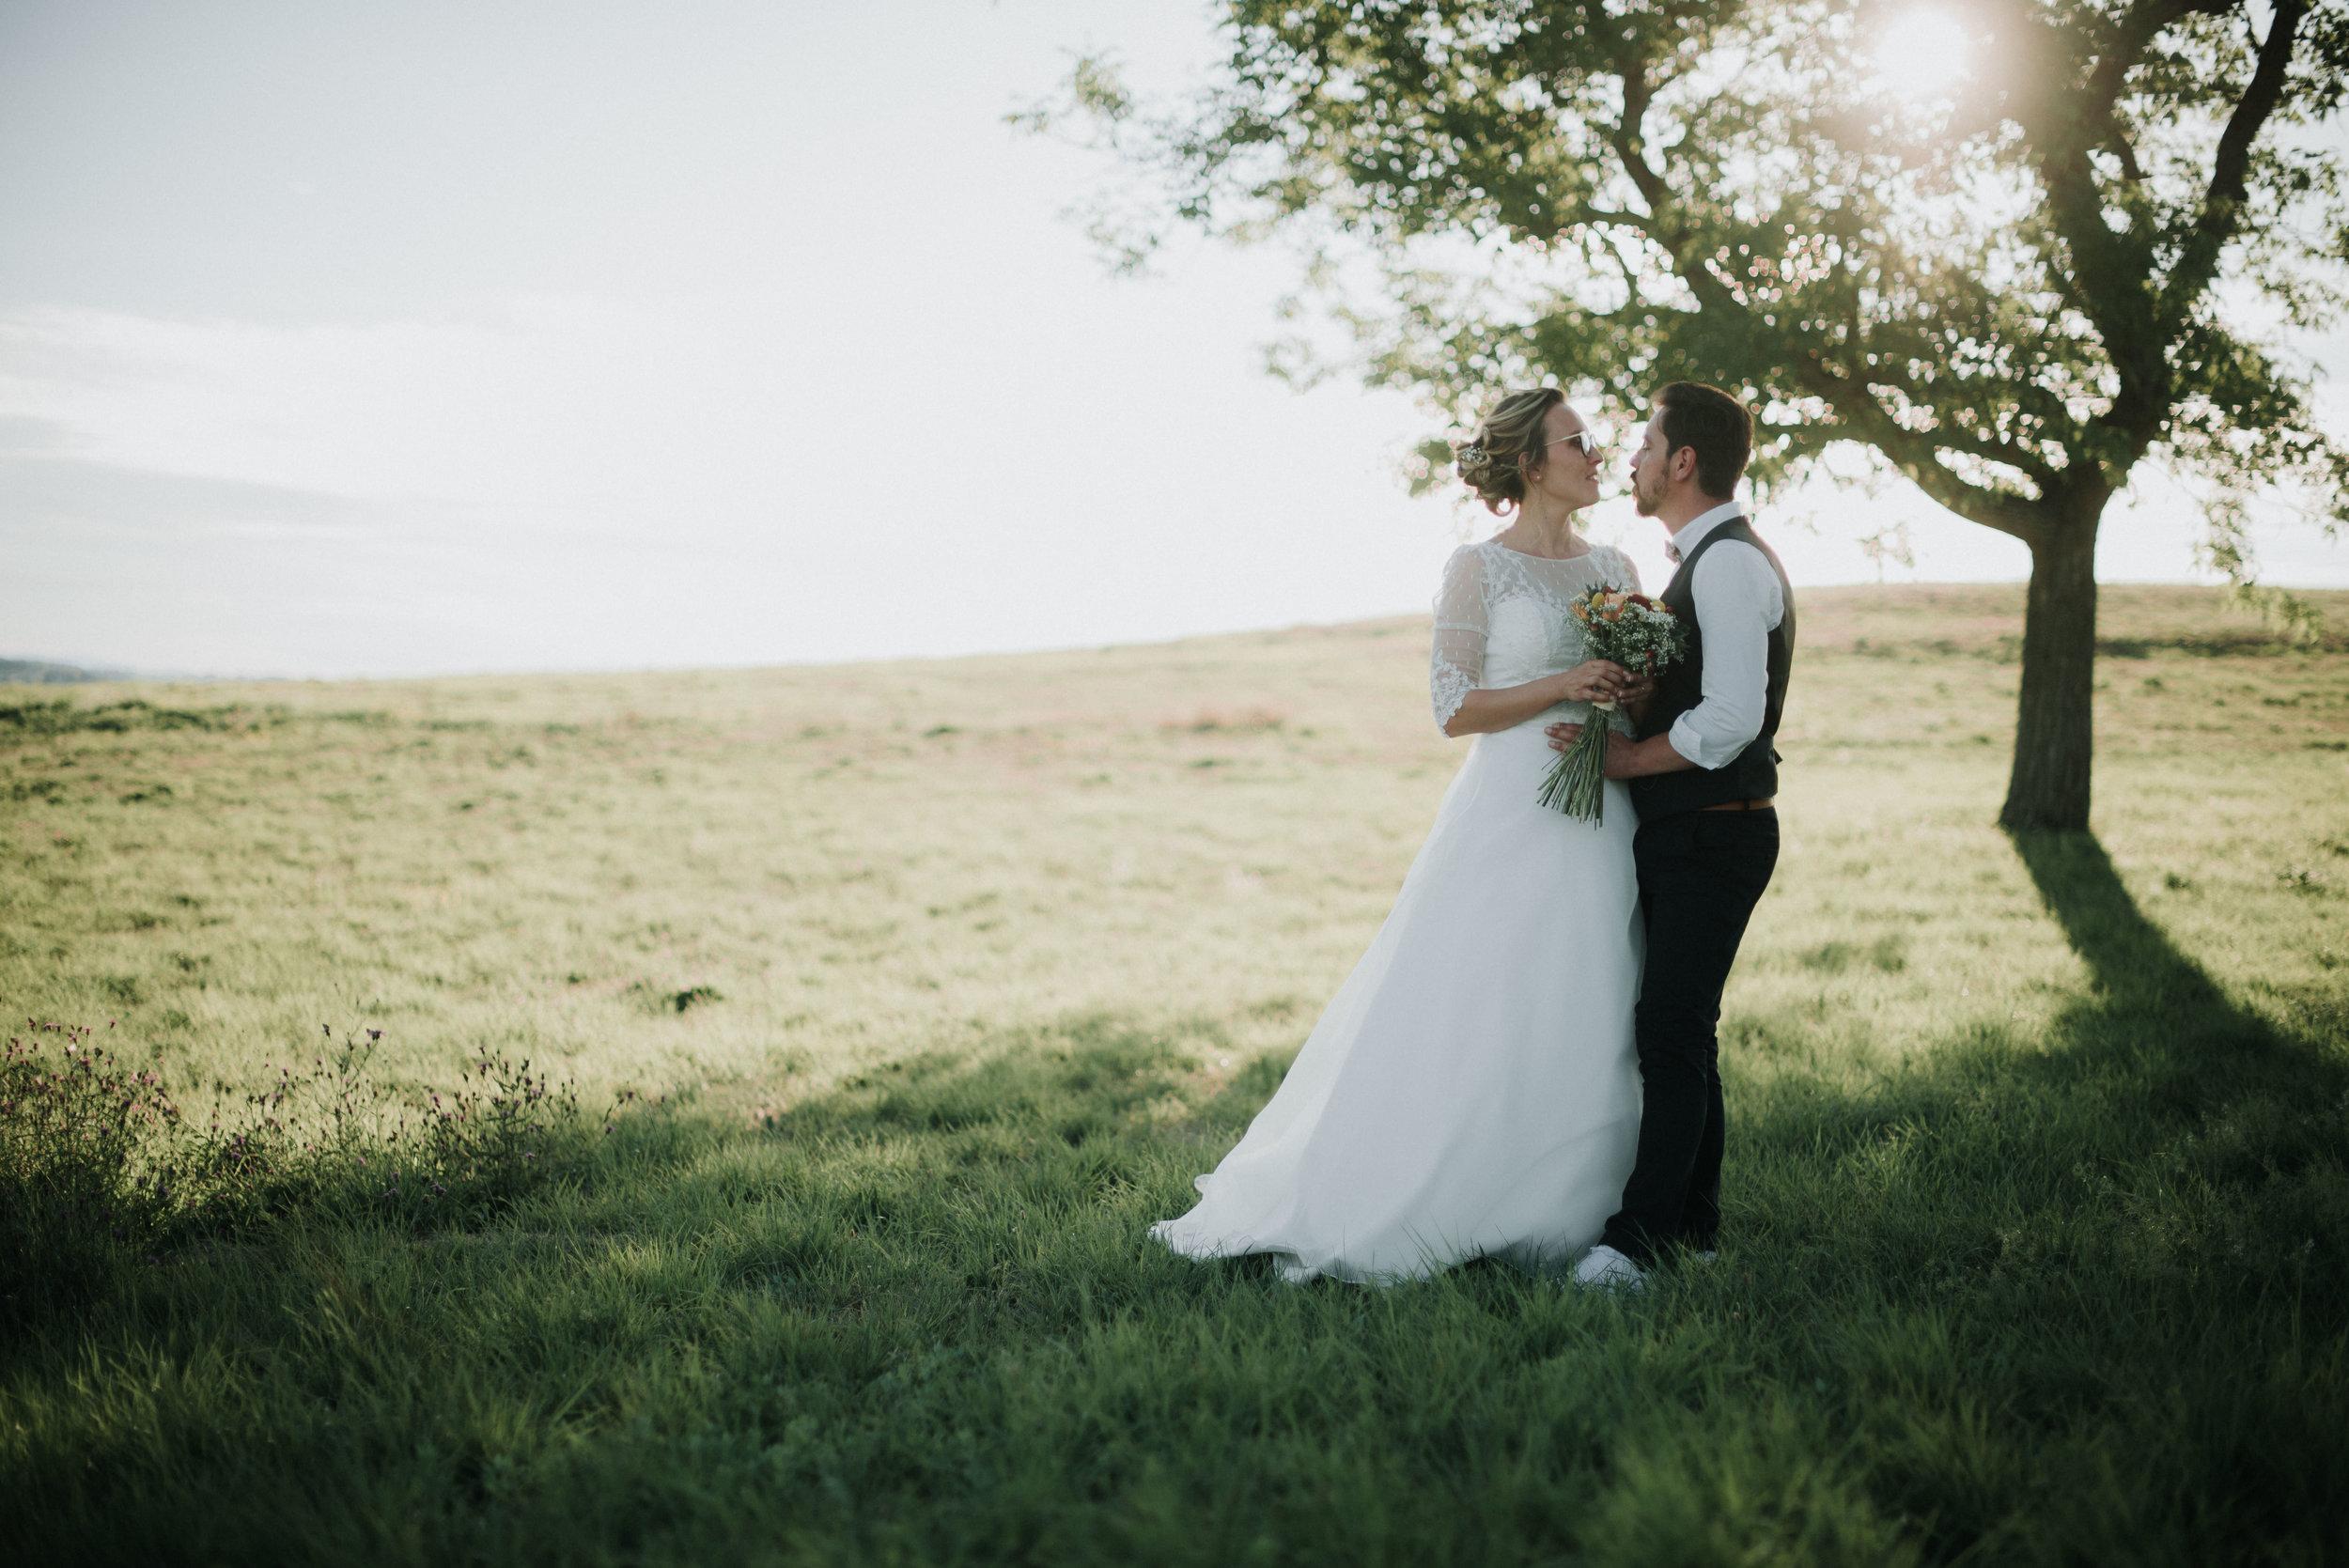 Léa-Fery-photographe-professionnel-lyon-rhone-alpes-portrait-creation-mariage-evenement-evenementiel-famille-8253.jpg